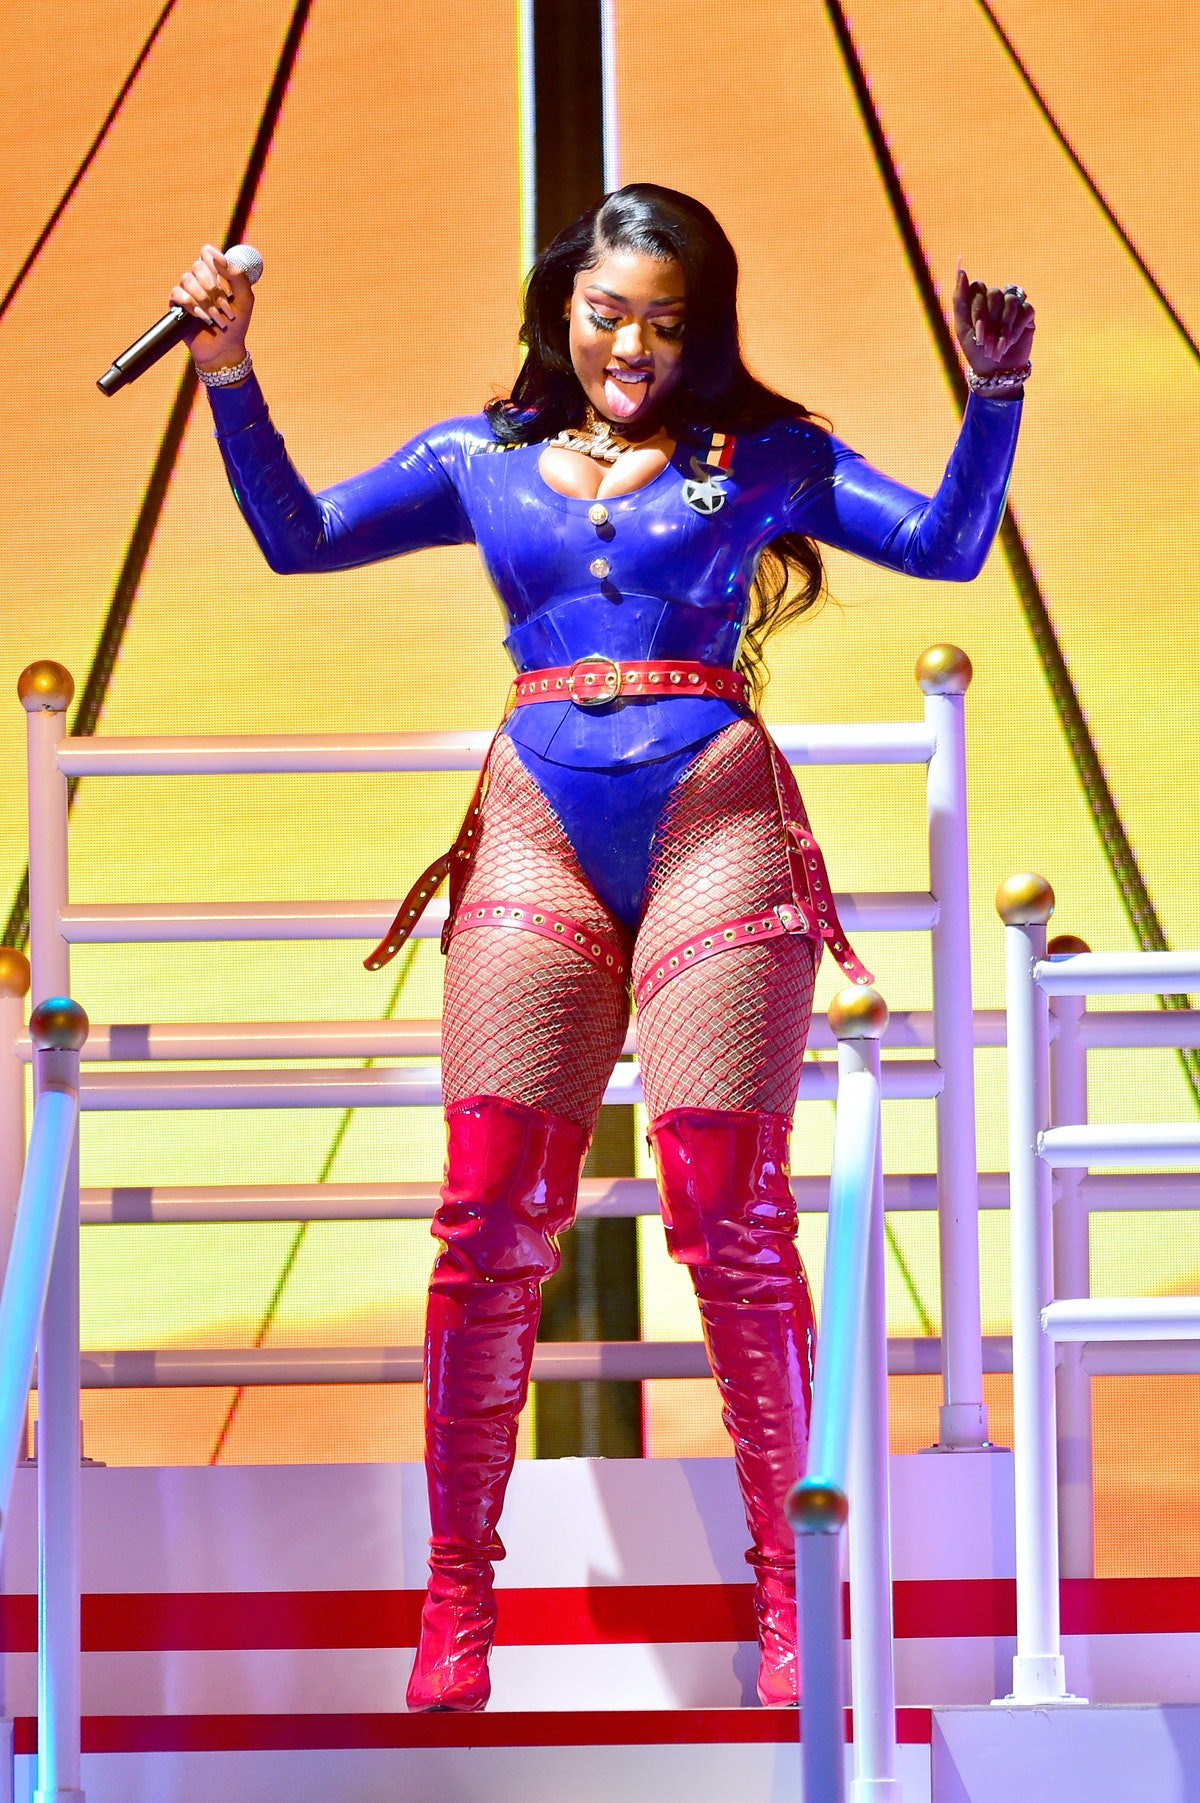 Megan on stage